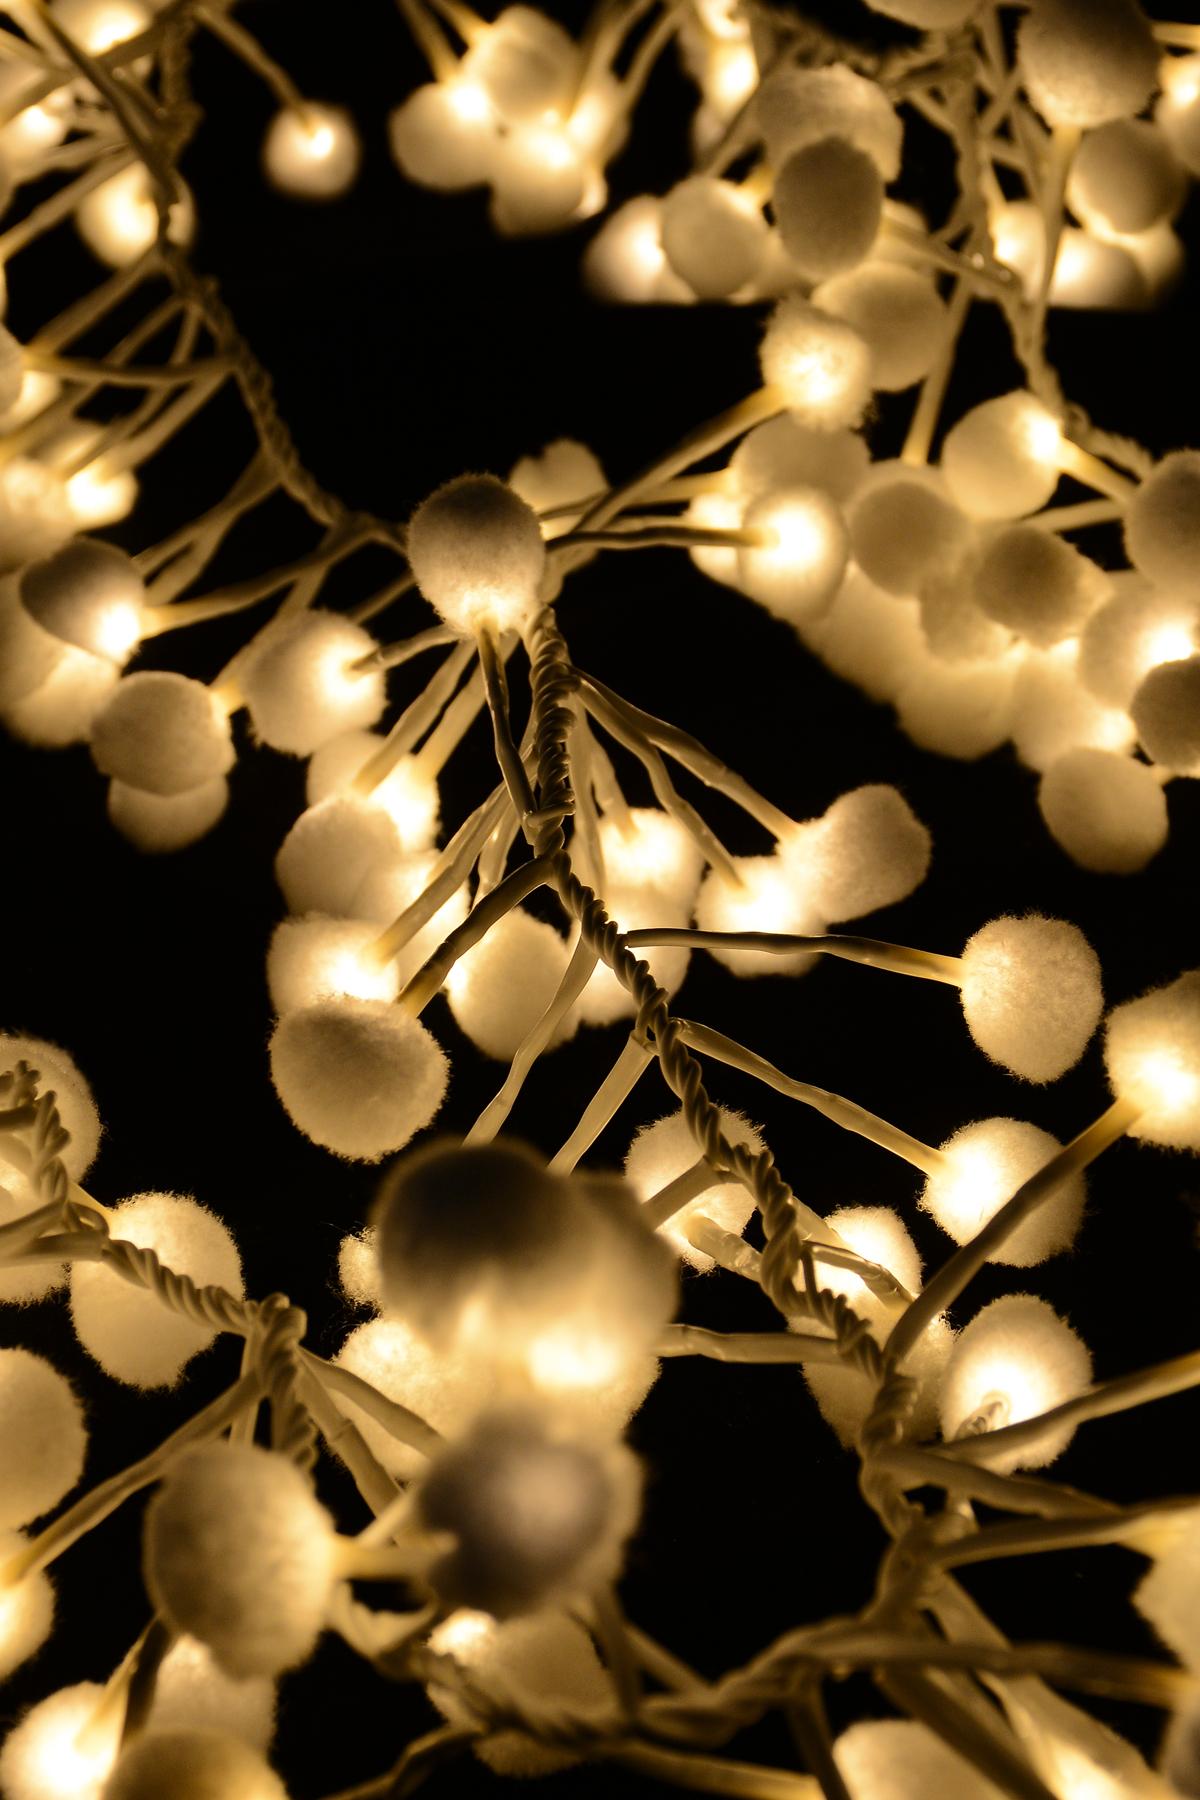 Гирлянда новогодняя электрическая Winter Wings Шары, 192 лампы, 4,8 м. N11286N11286Новогодняя электрическая гирлянда Winter Wings «Шары» украсит интерьер вашего дома или офиса в преддверии Нового года. Лампы выполнены в виде мягких шаров. Оригинальный дизайн и красочное исполнение создадут праздничное настроение. Откройте для себя удивительный мир сказок и грез. Почувствуйте волшебные минуты ожидания праздника, создайте новогоднее настроение вашим дорогим и близким.Материал: ПВХ, пластик, металл. Количество ламп: 192 шт.Мощность: 0,06 ВтНапряжение: 3 ВЦвет кабеля: белый.